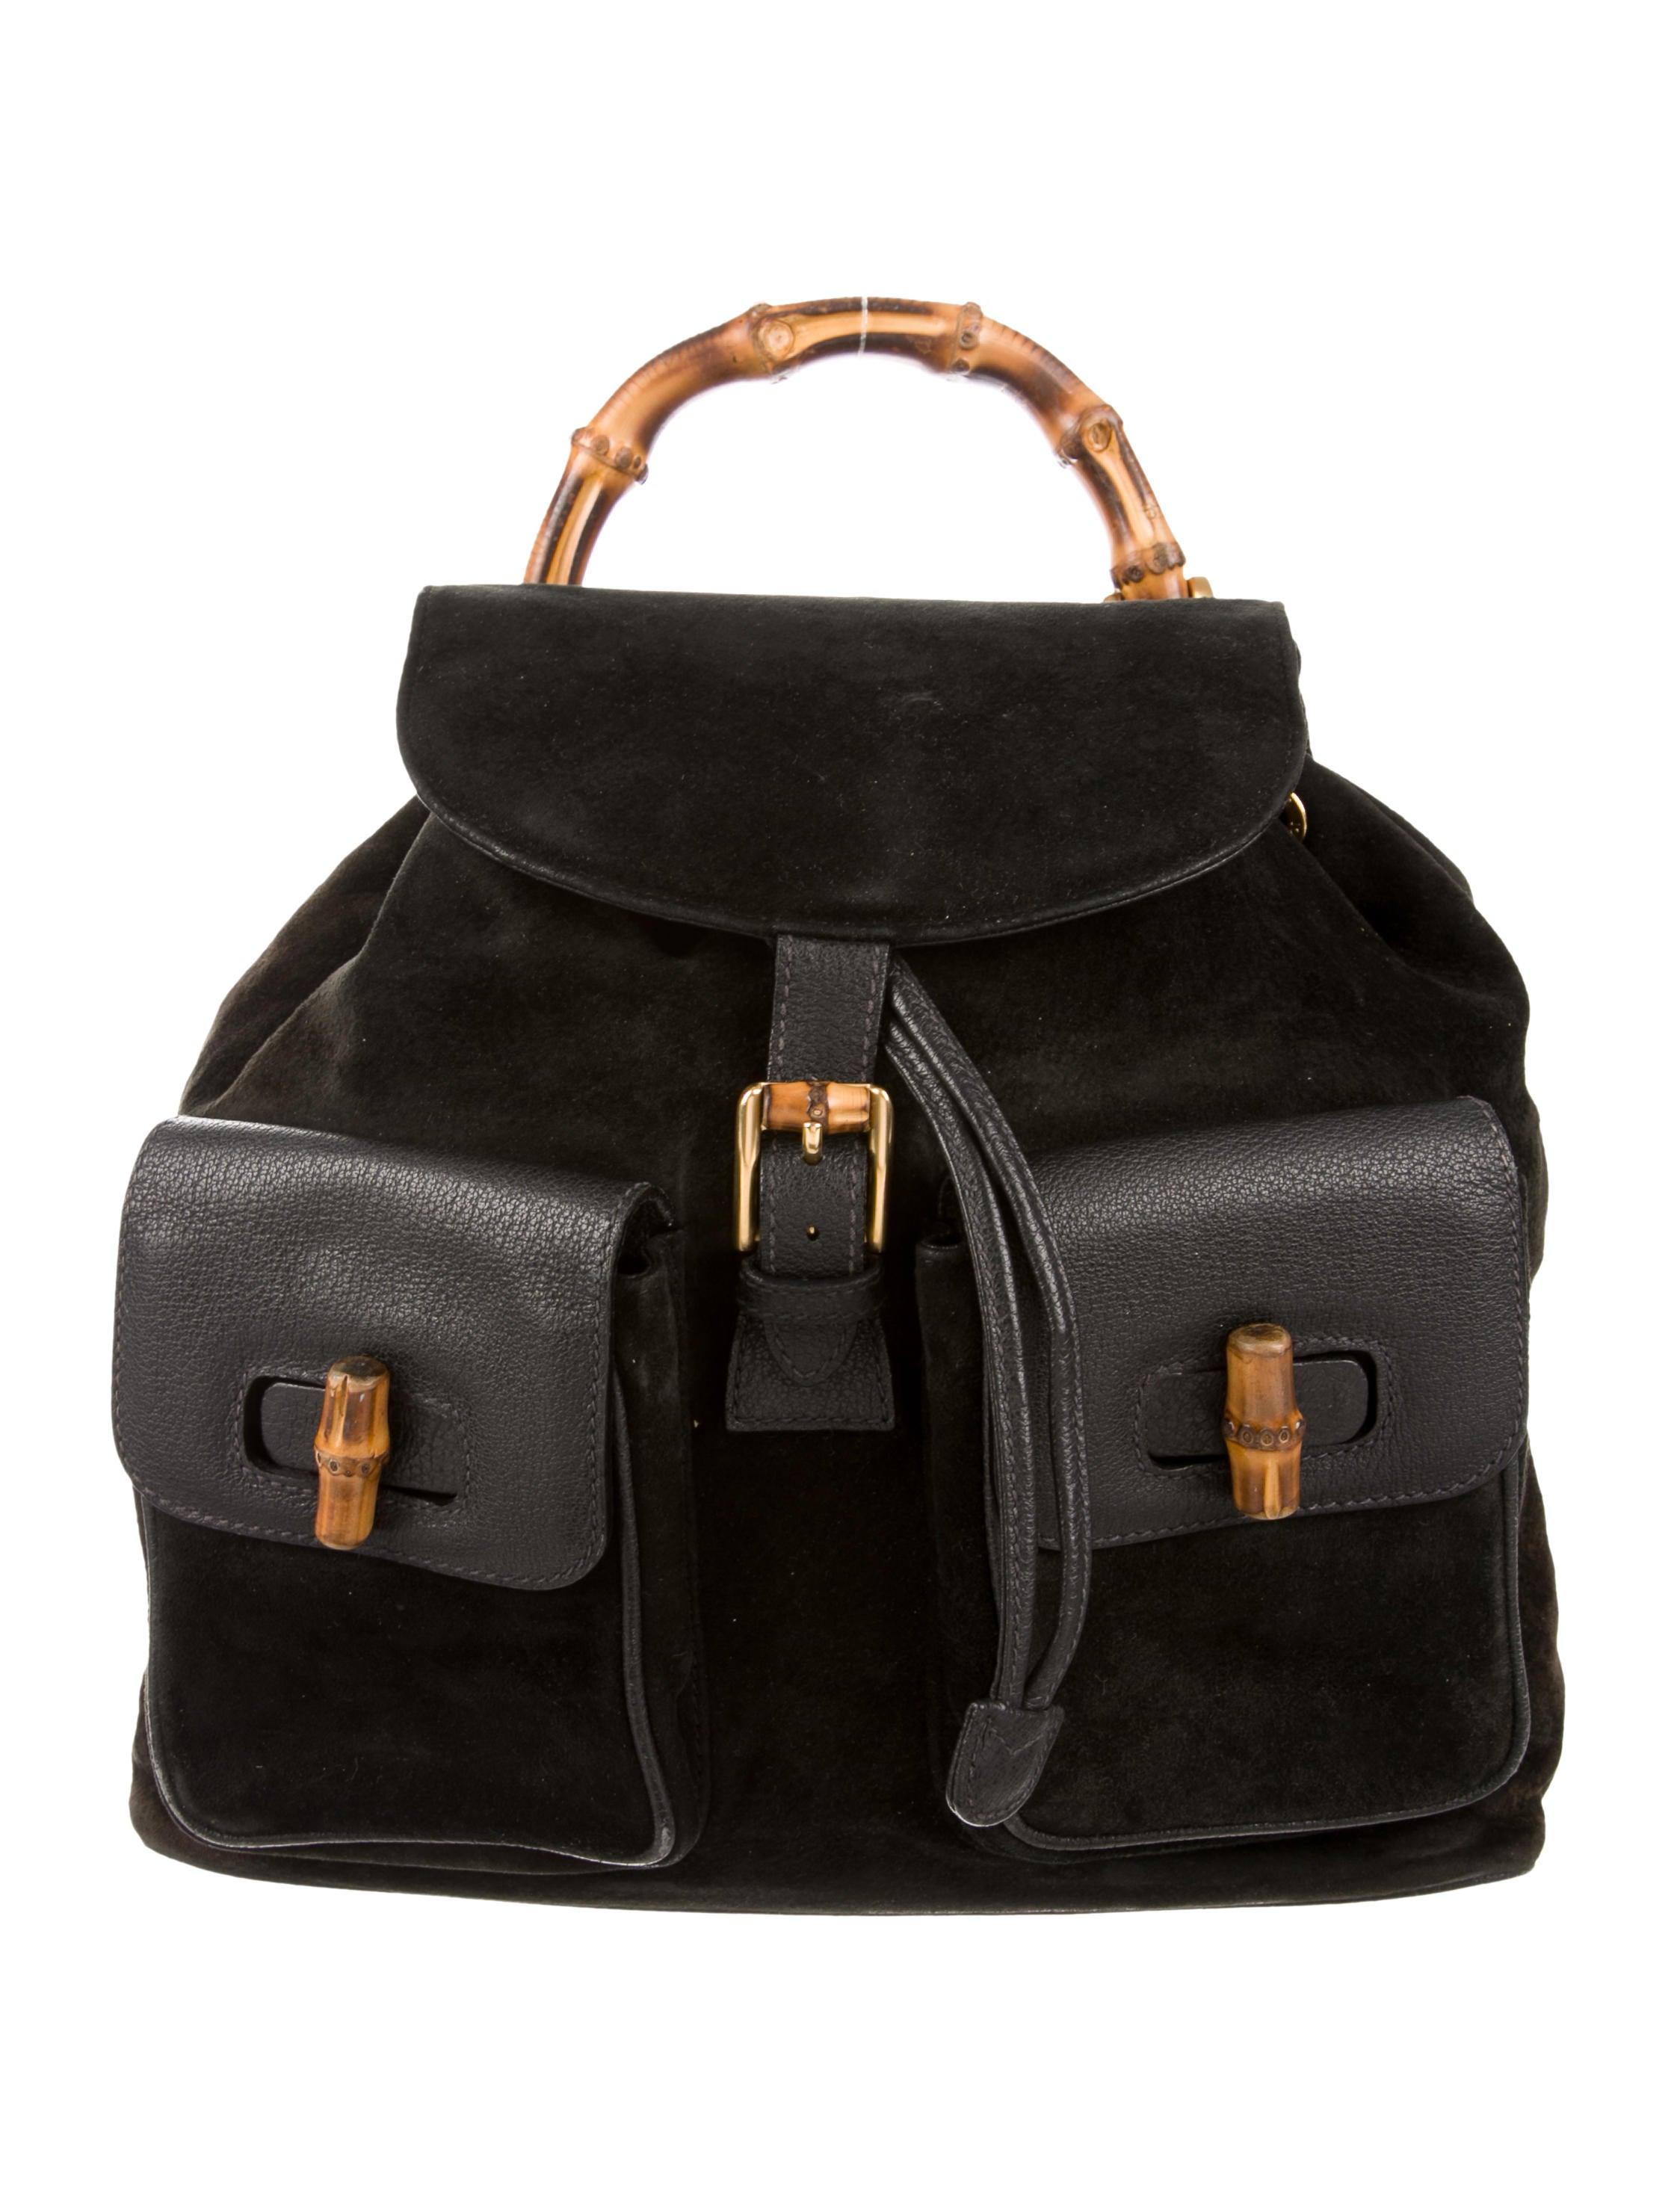 c4a1a95d76d1 Gucci Vintage Bamboo Backpack - Handbags - GUC204992